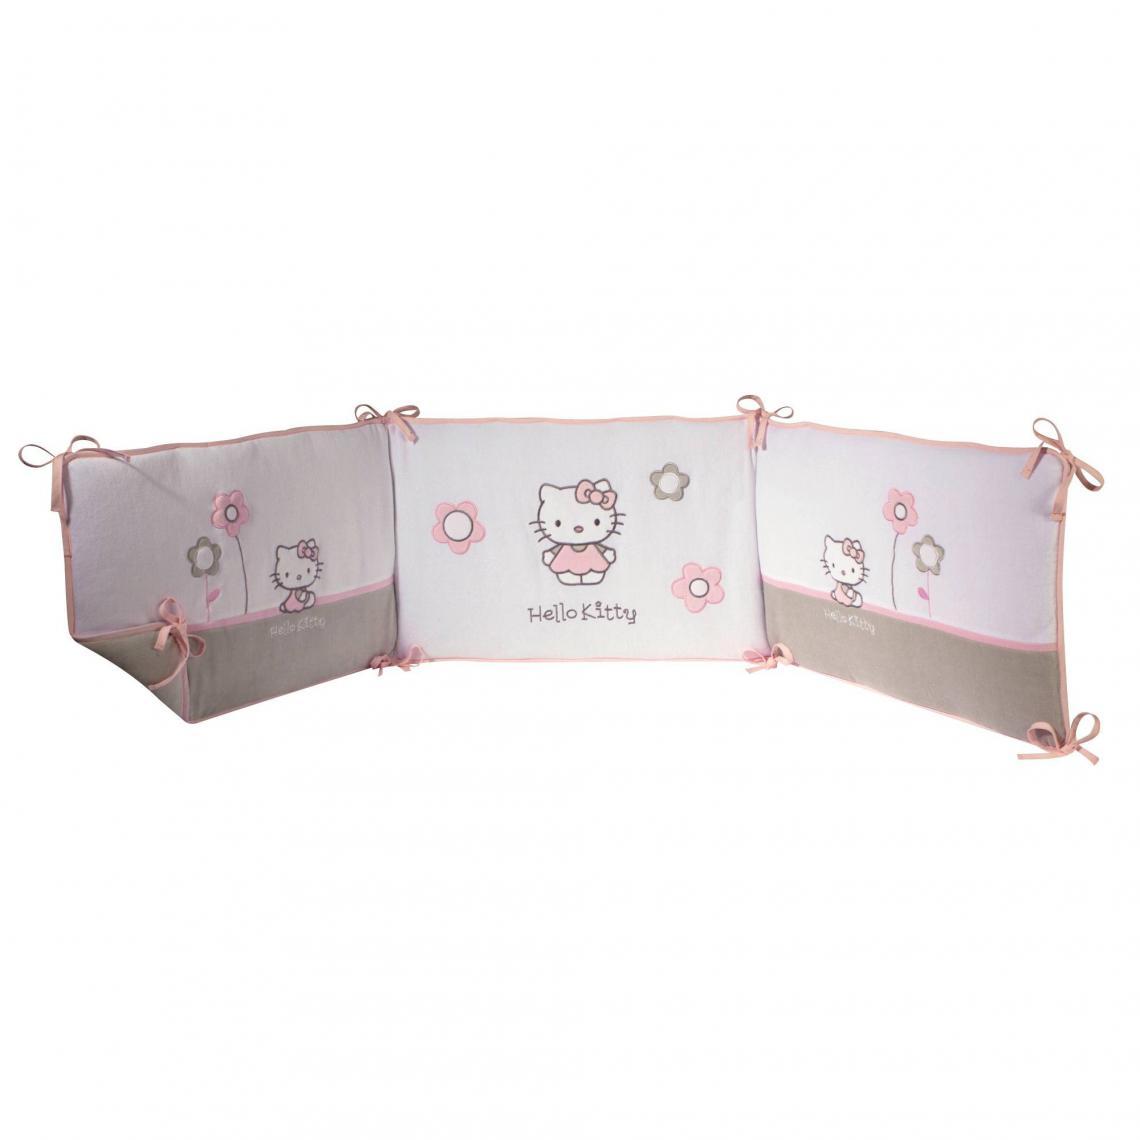 Tour de lit 3 panneaux HELLO KITTY Célestine - en velours - Multicolore  Hello Kitty Mobilier f8e381321d51